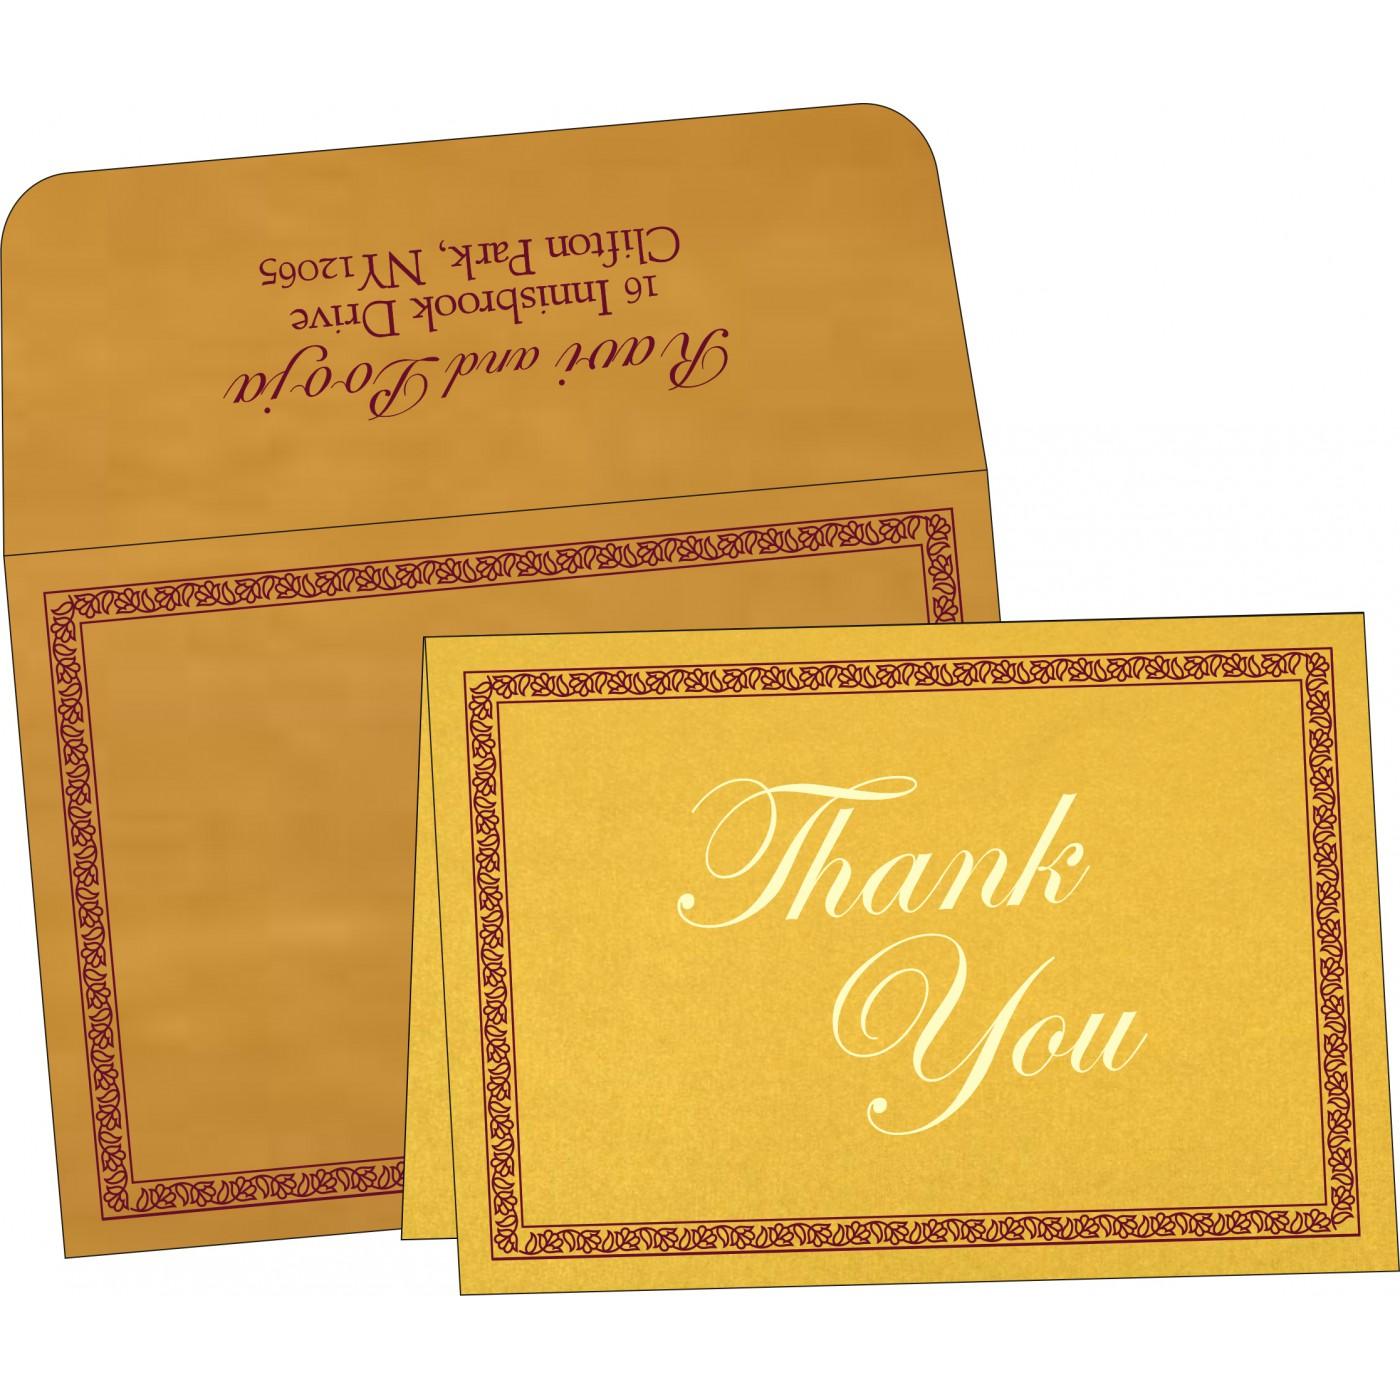 Thank You Cards : TYC-8211E - 123WeddingCards